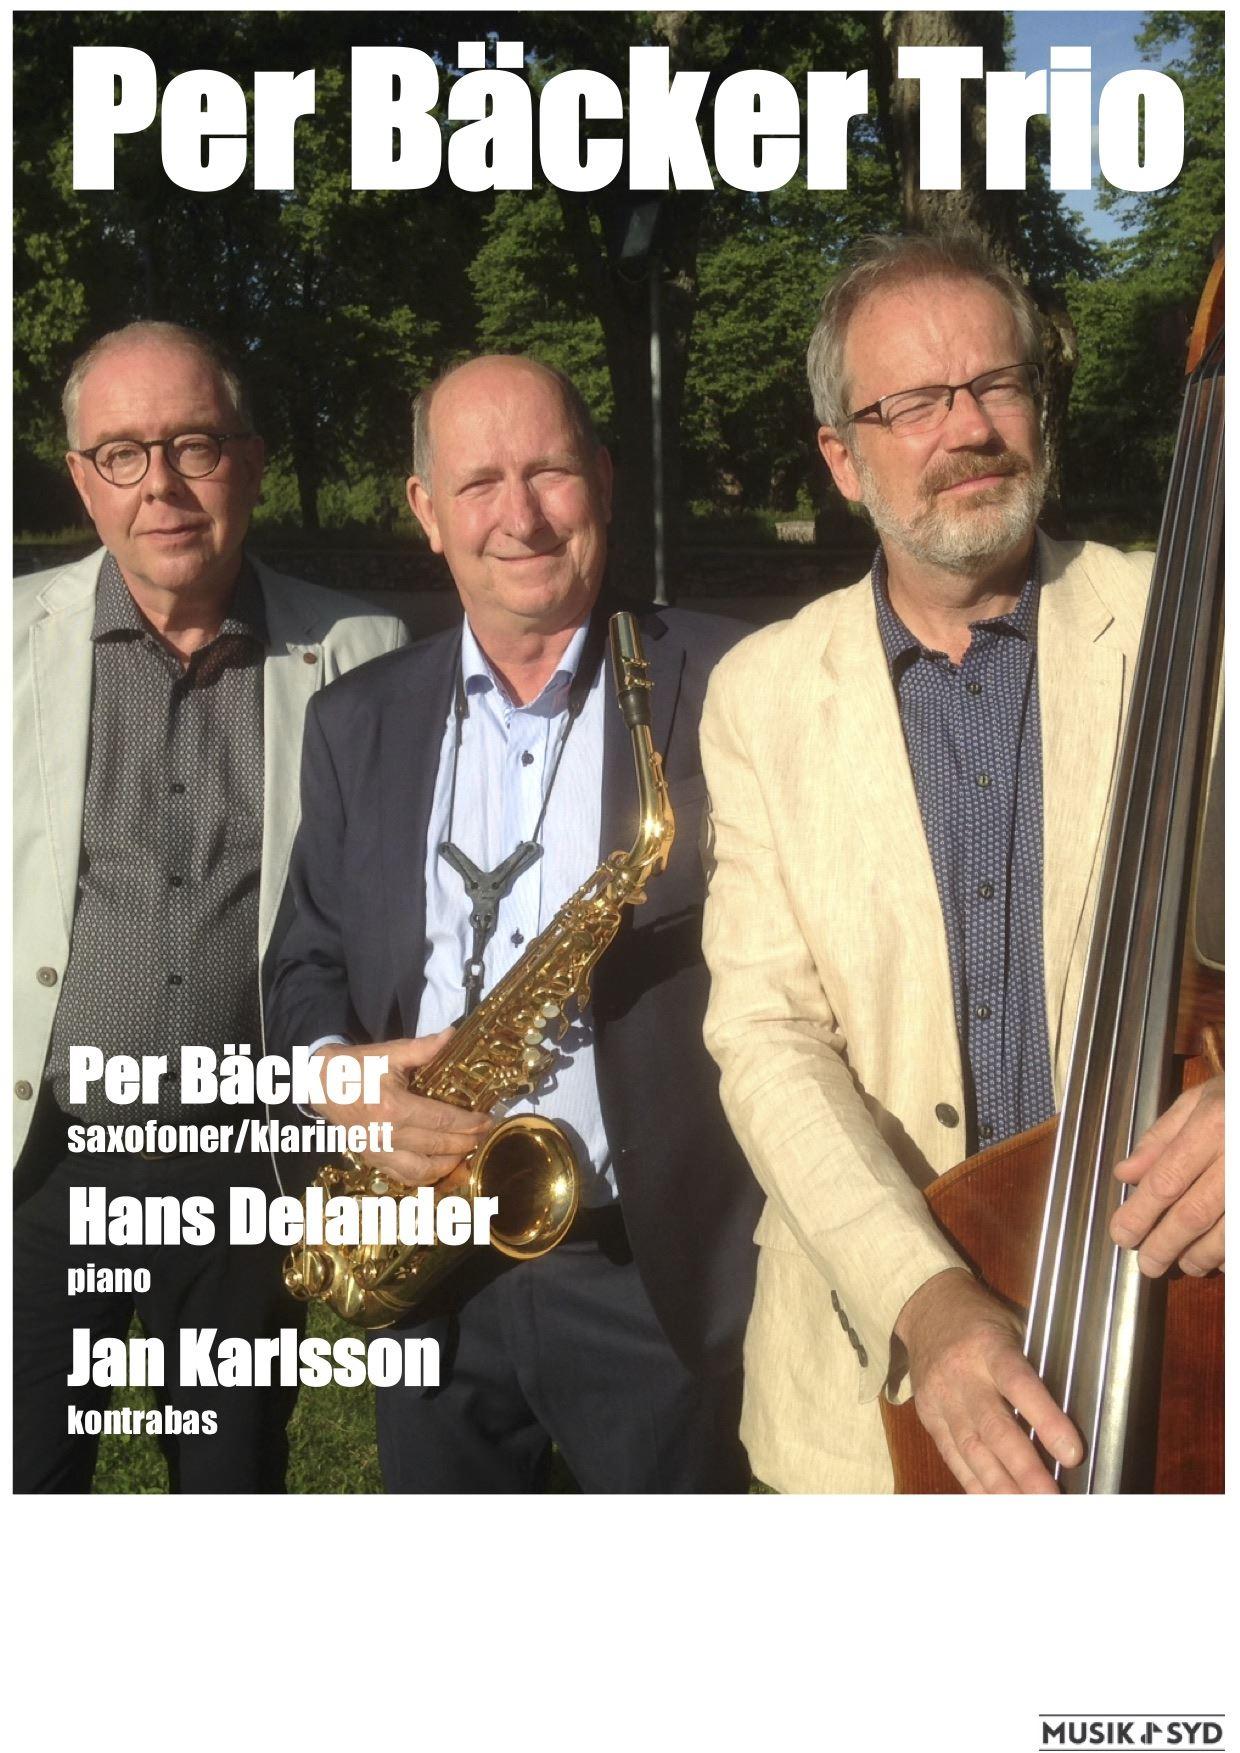 Pre Bäcker Trio - Konsert